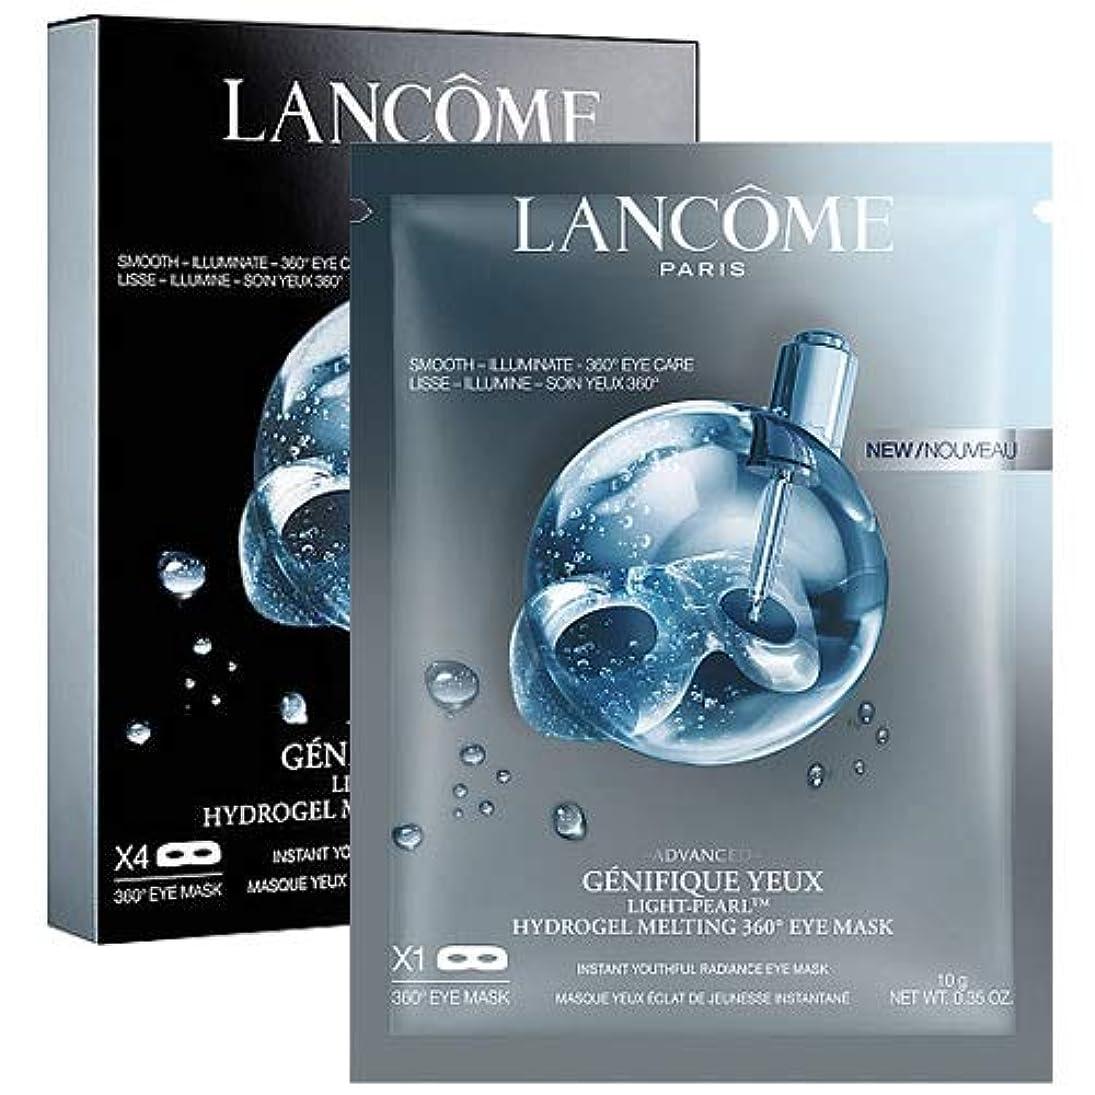 オセアニア検査官安いですランコム LANCOME ジェニフィック アドバンスト ライトパール ハイドロジェル メルティング 360 アイ マスク 7枚x10g [並行輸入品]